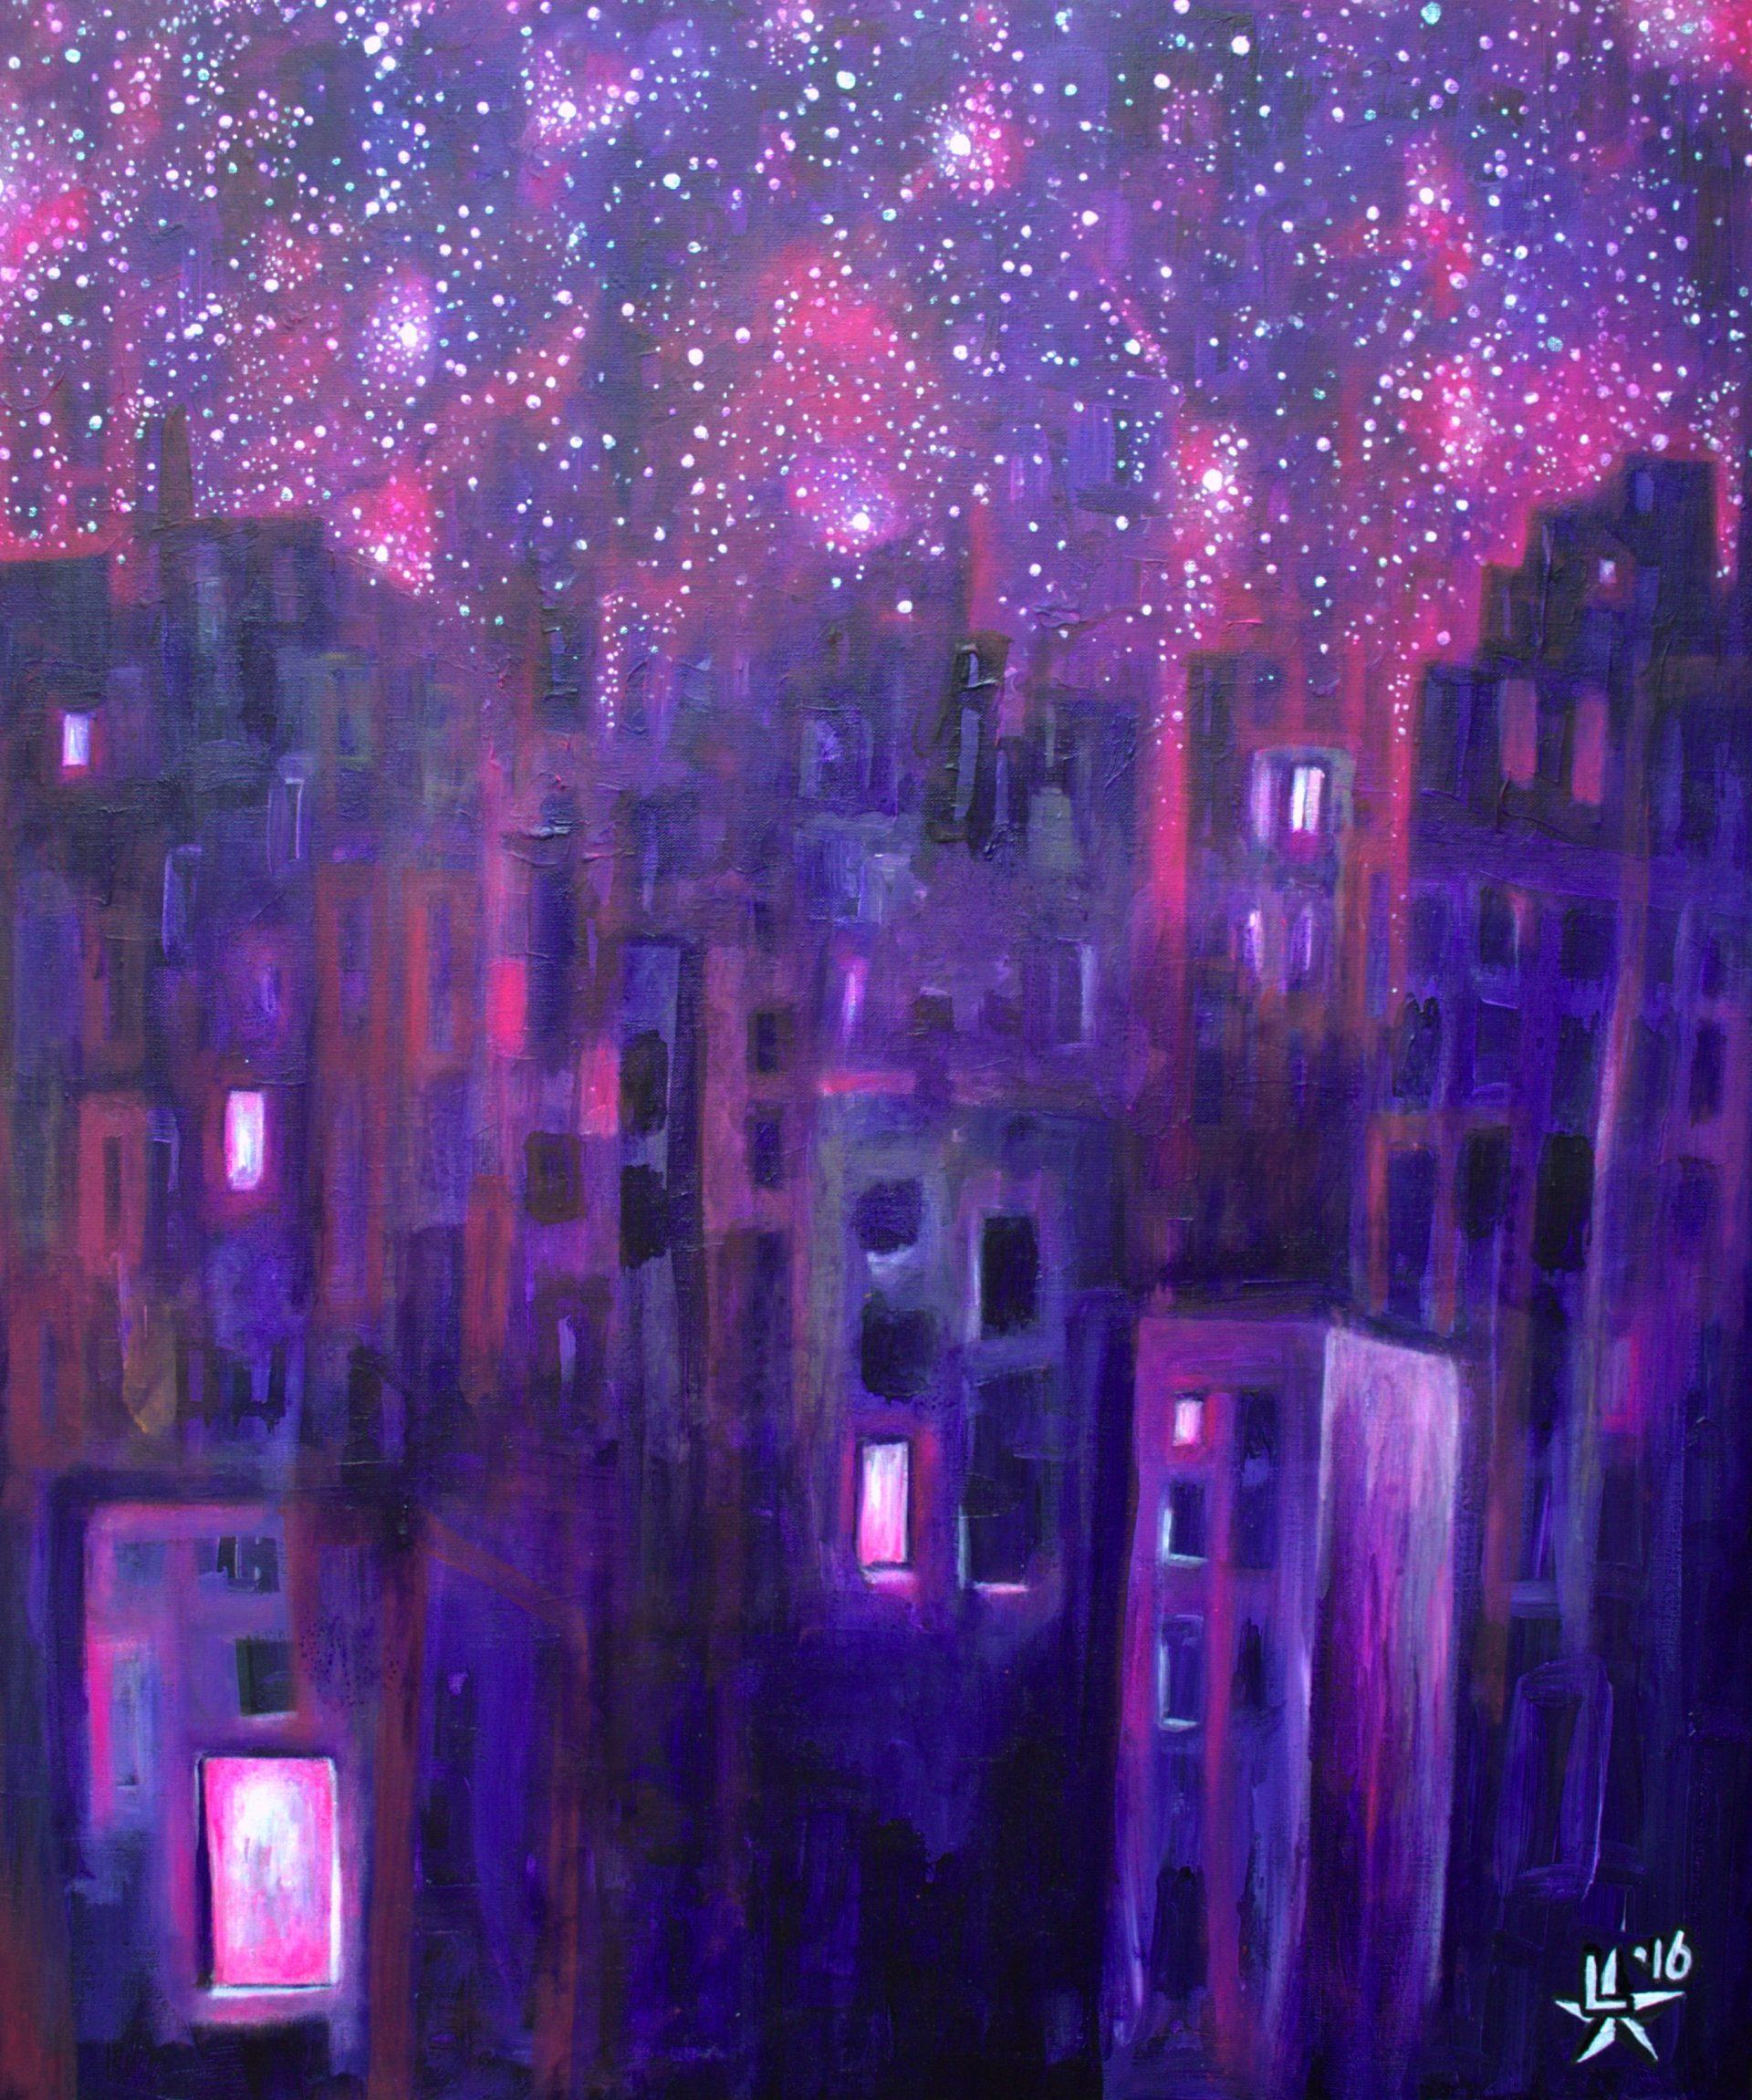 schilderij-kunstenaar-l-tuziasm-contemporary-art-utrecht